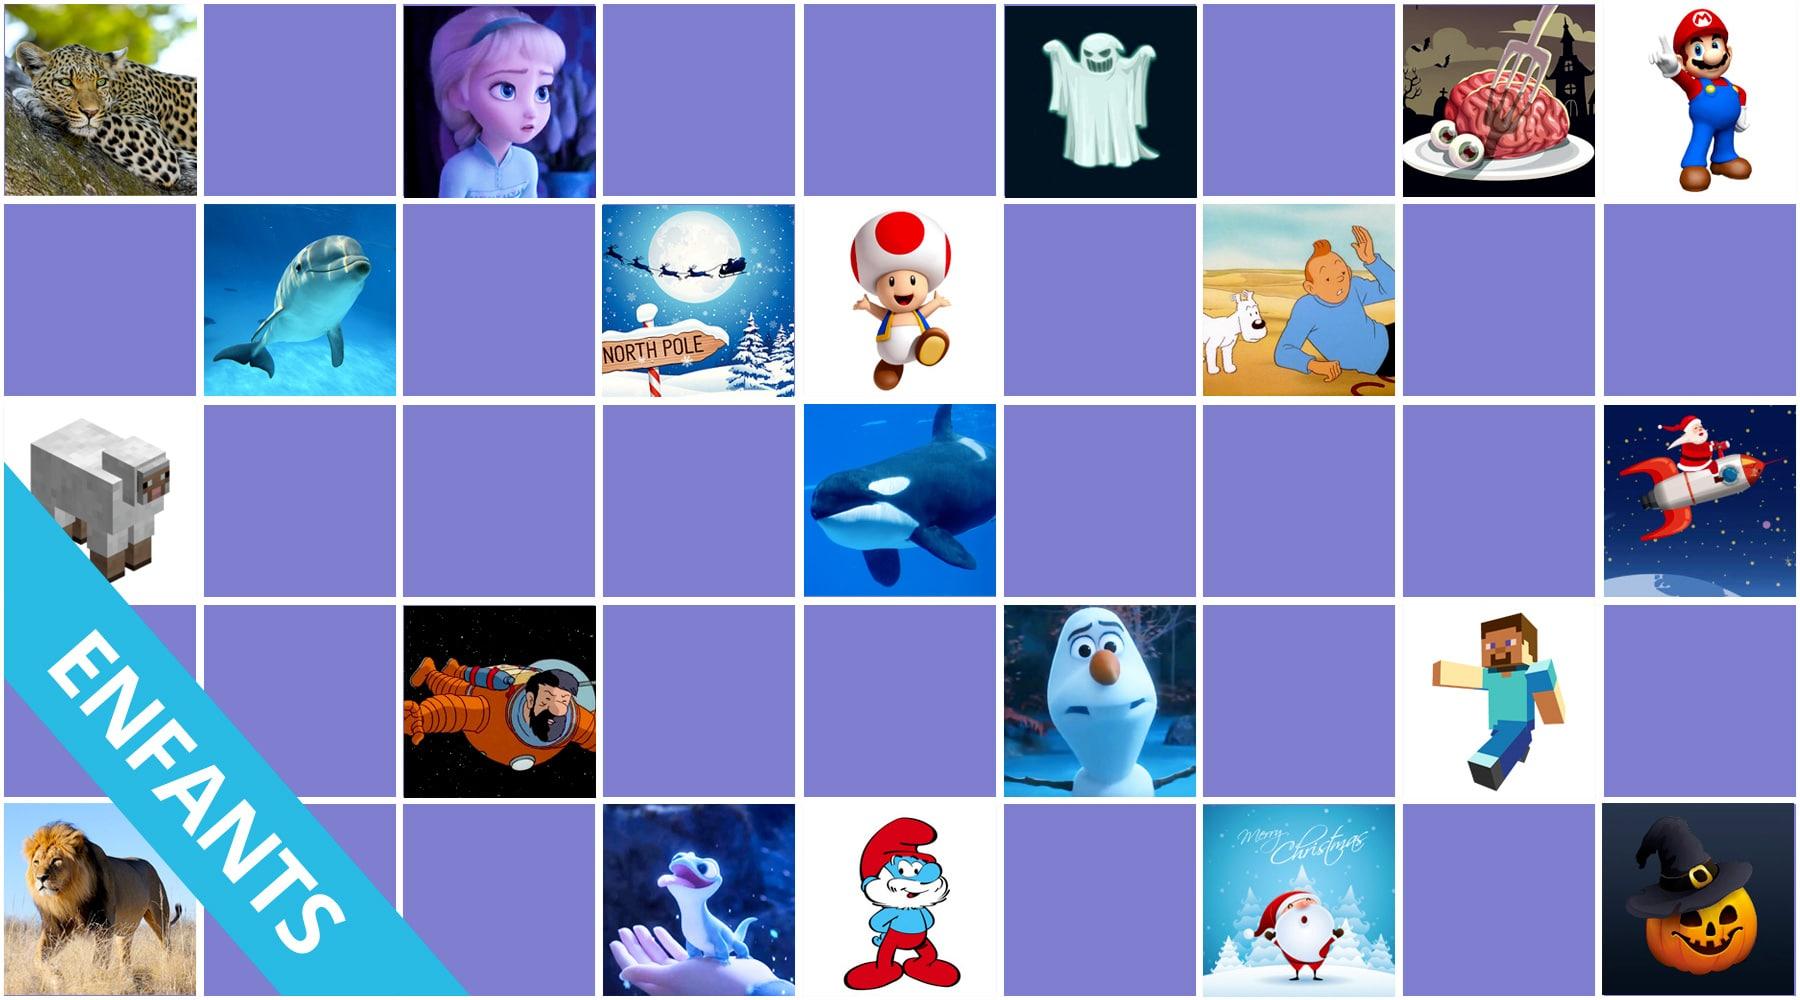 Jeux De Memory Pour Les Enfants - En Ligne Et Gratuits intérieur Jeux Enfant Gratuit En Ligne